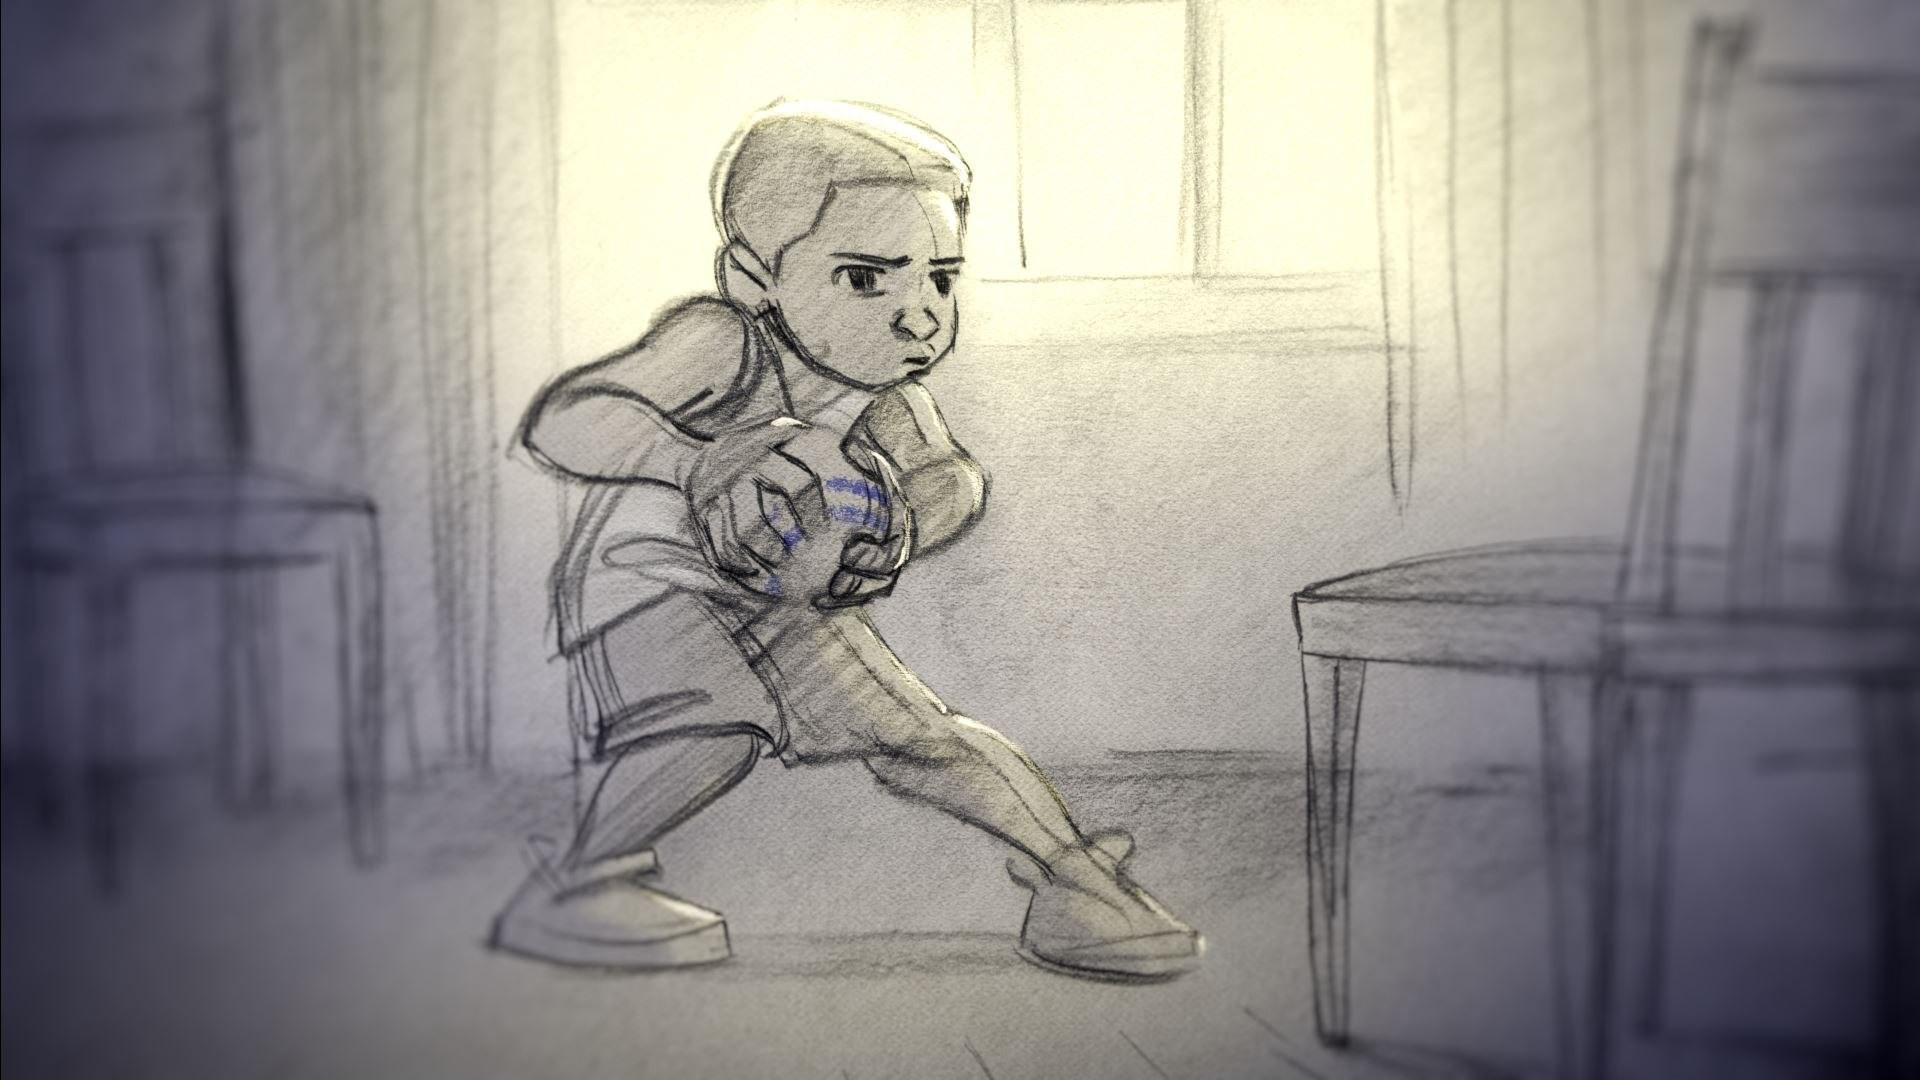 8 phim hoạt hình ngắn xuất sắc dành cho những mọt phim… lười cày phim dài - Ảnh 1.